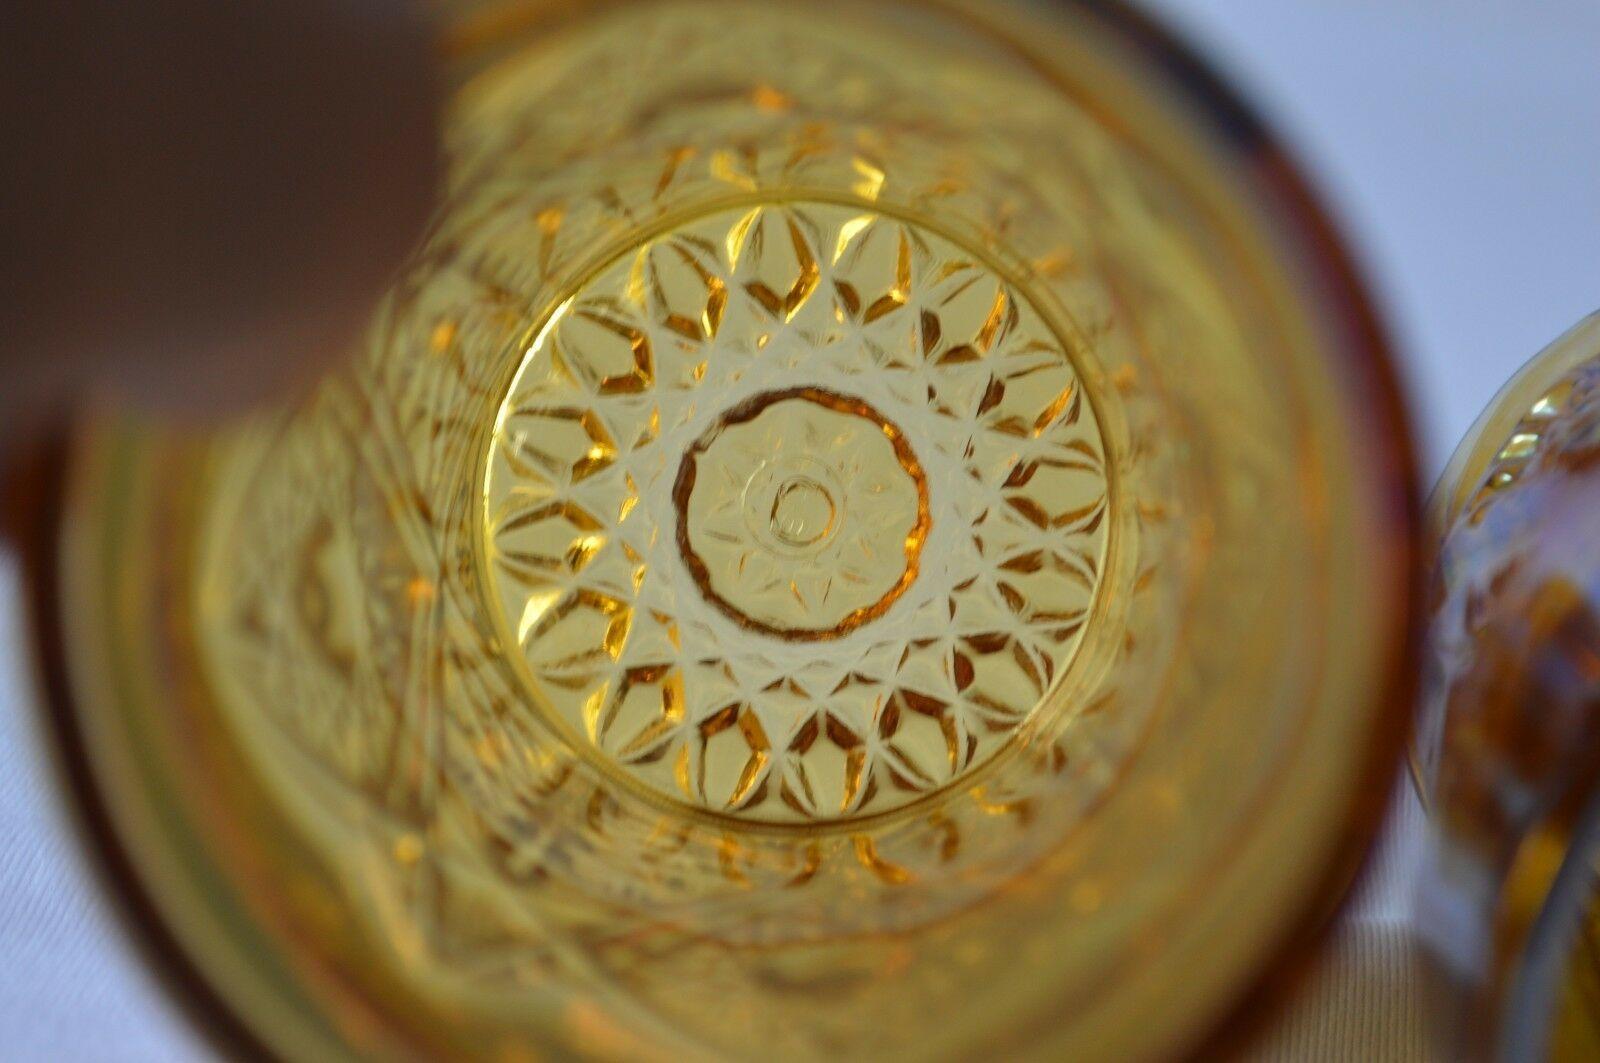 2 L E Smith Carnival Glass Valtec Tumblers image 6